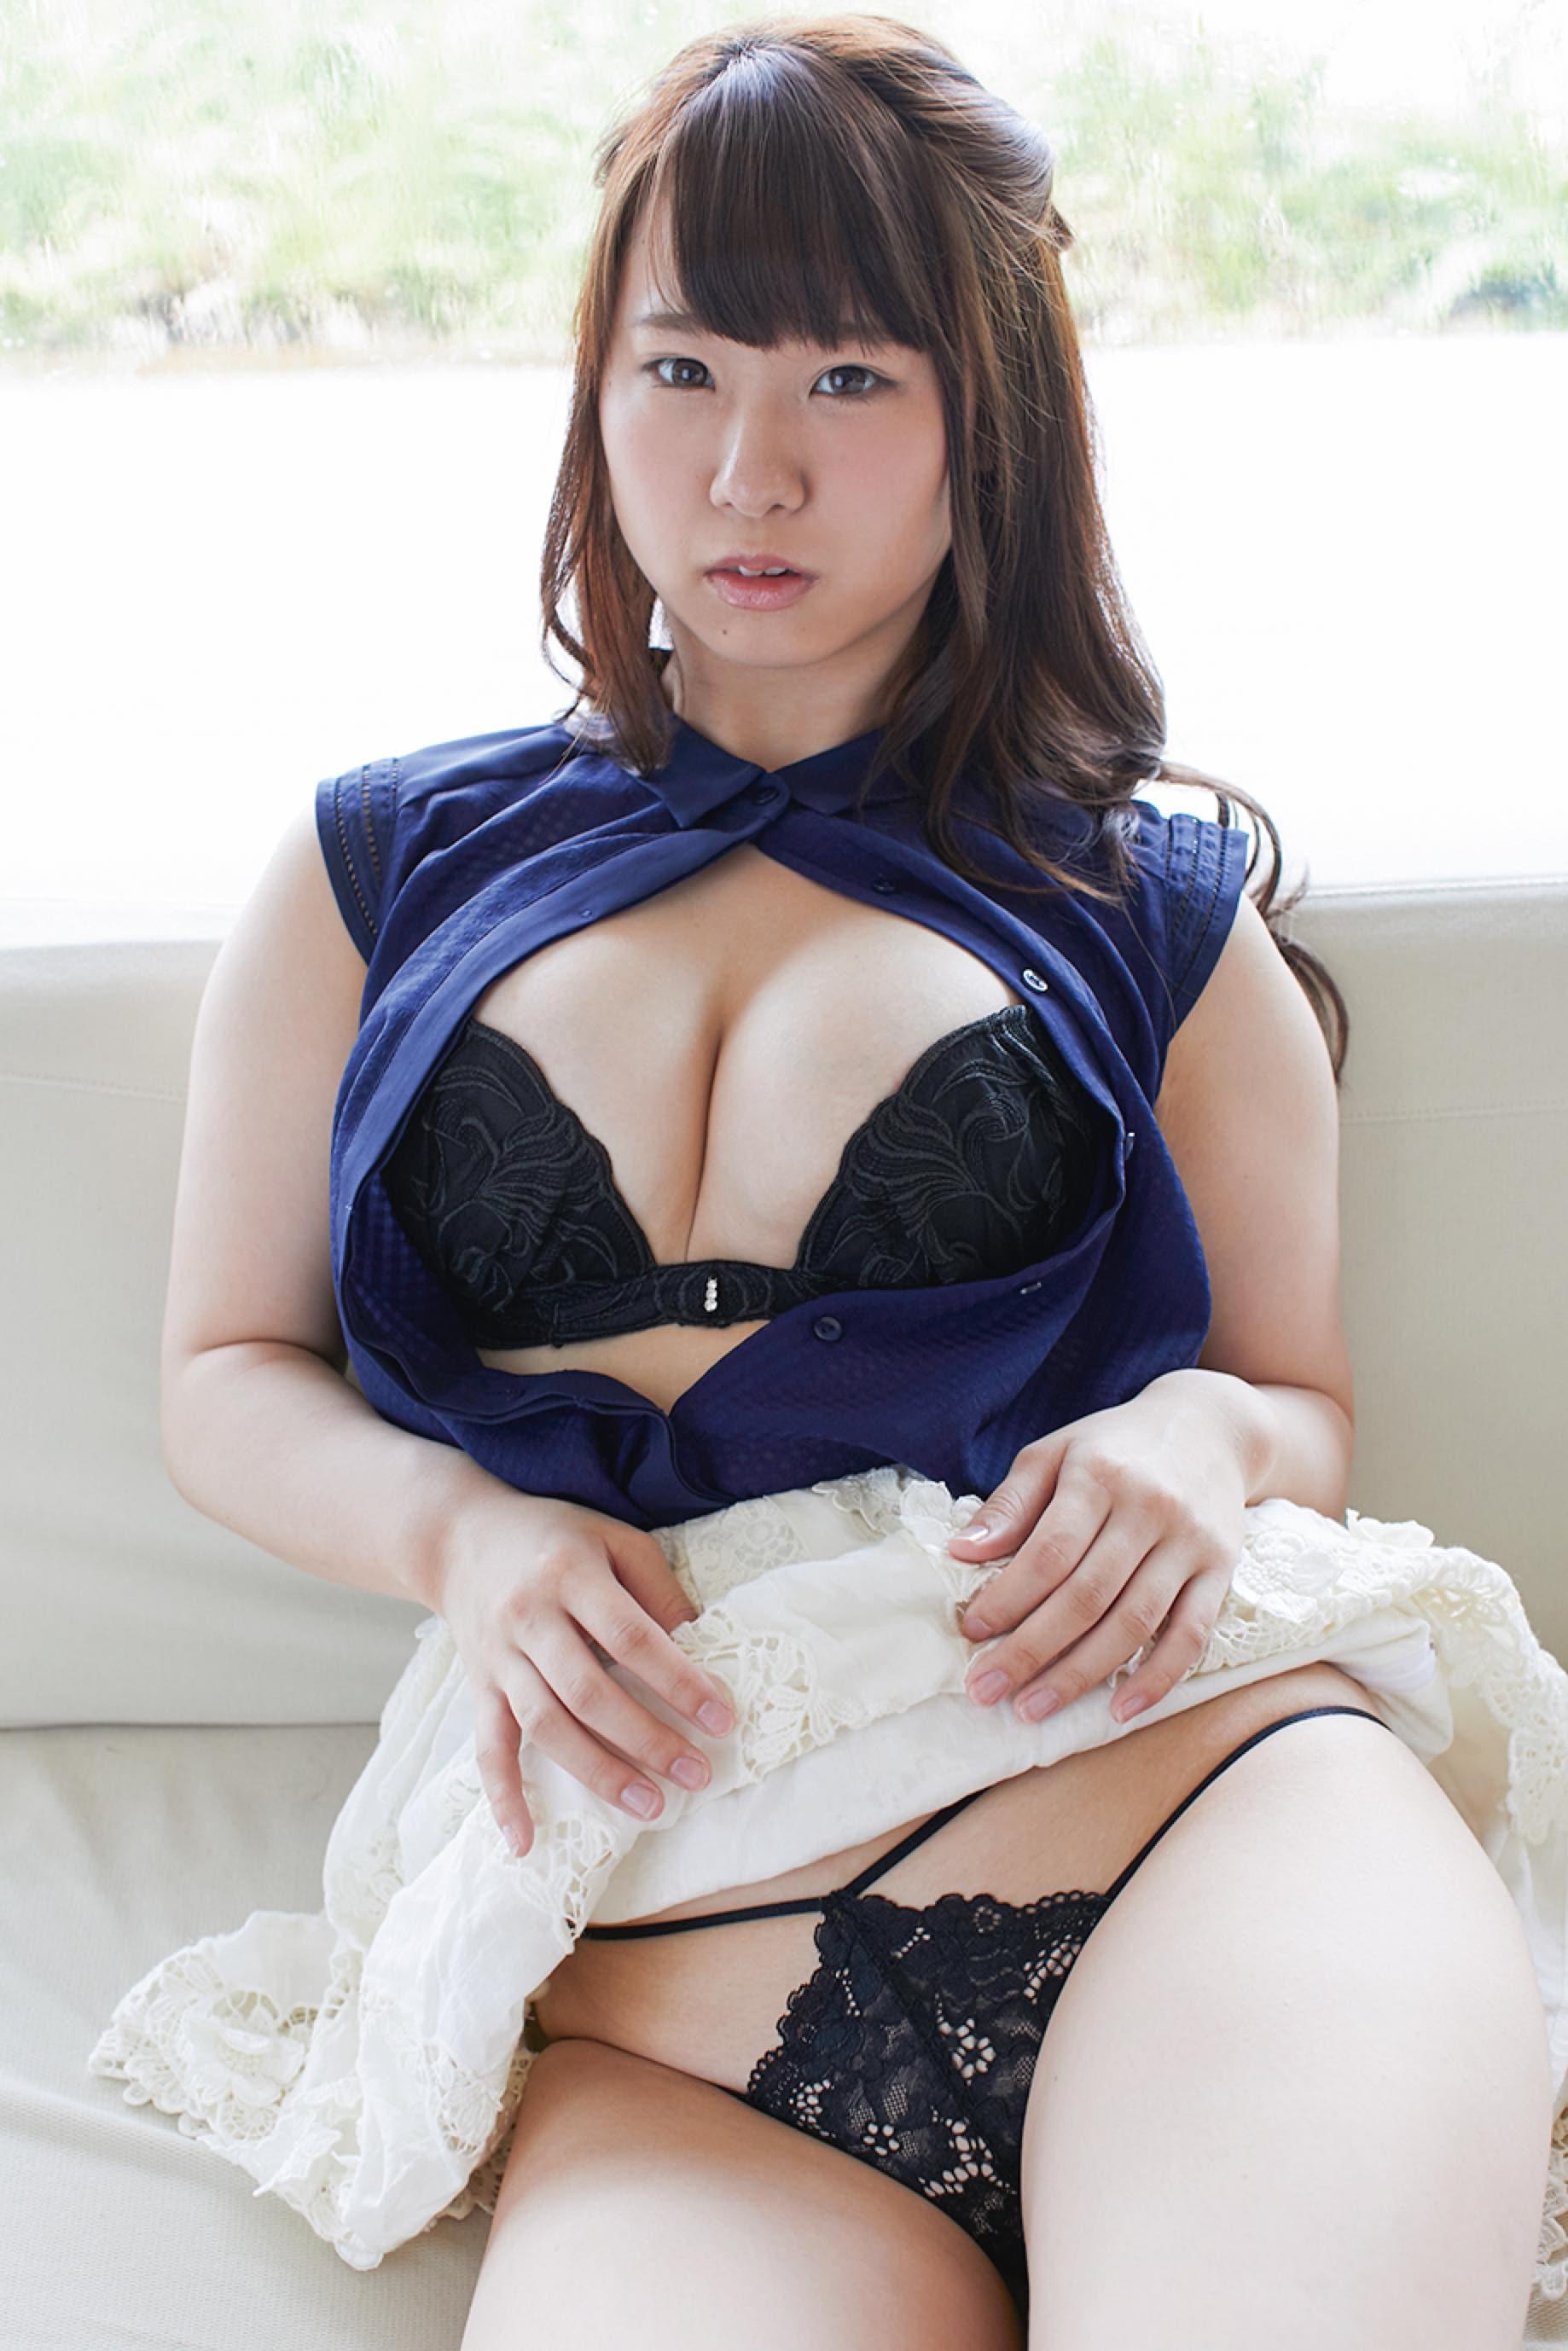 立川愛梨「ふわとろボディ」は今も成長中!【写真13枚】の画像010